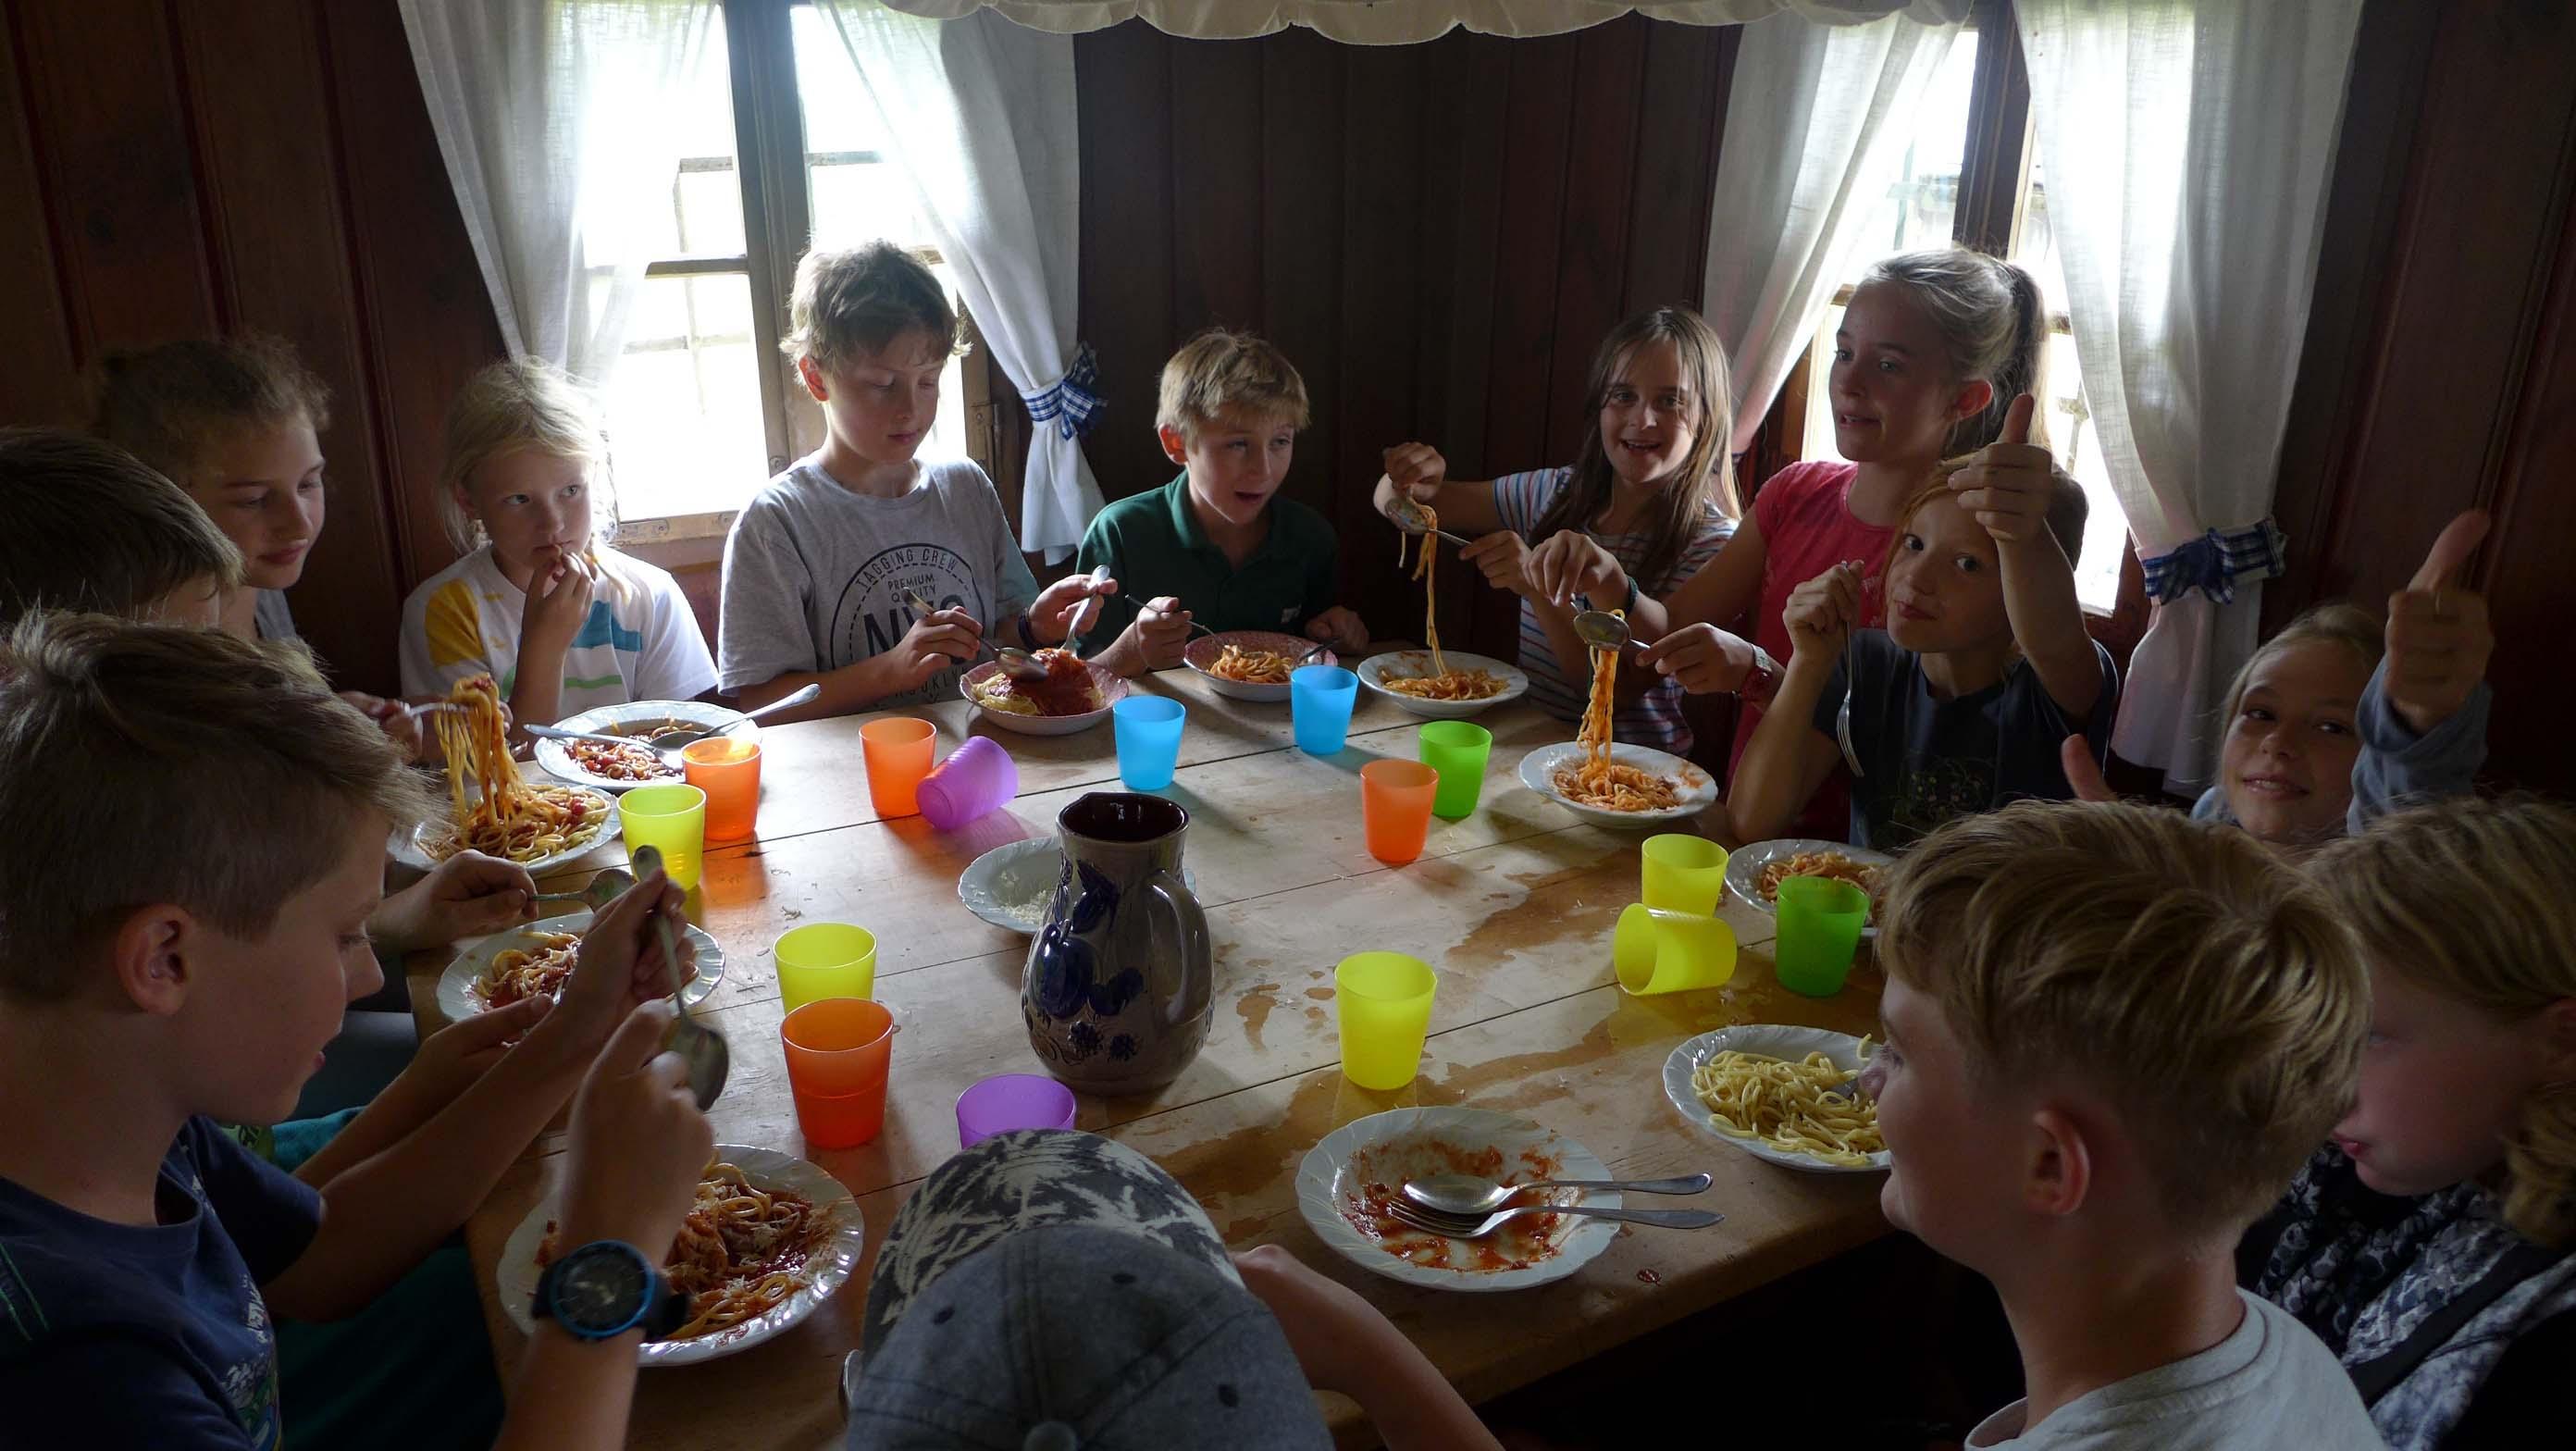 Im alten Bauernhaus schmeckten die selbst gekochten Spaghetti ausgezeichnet!